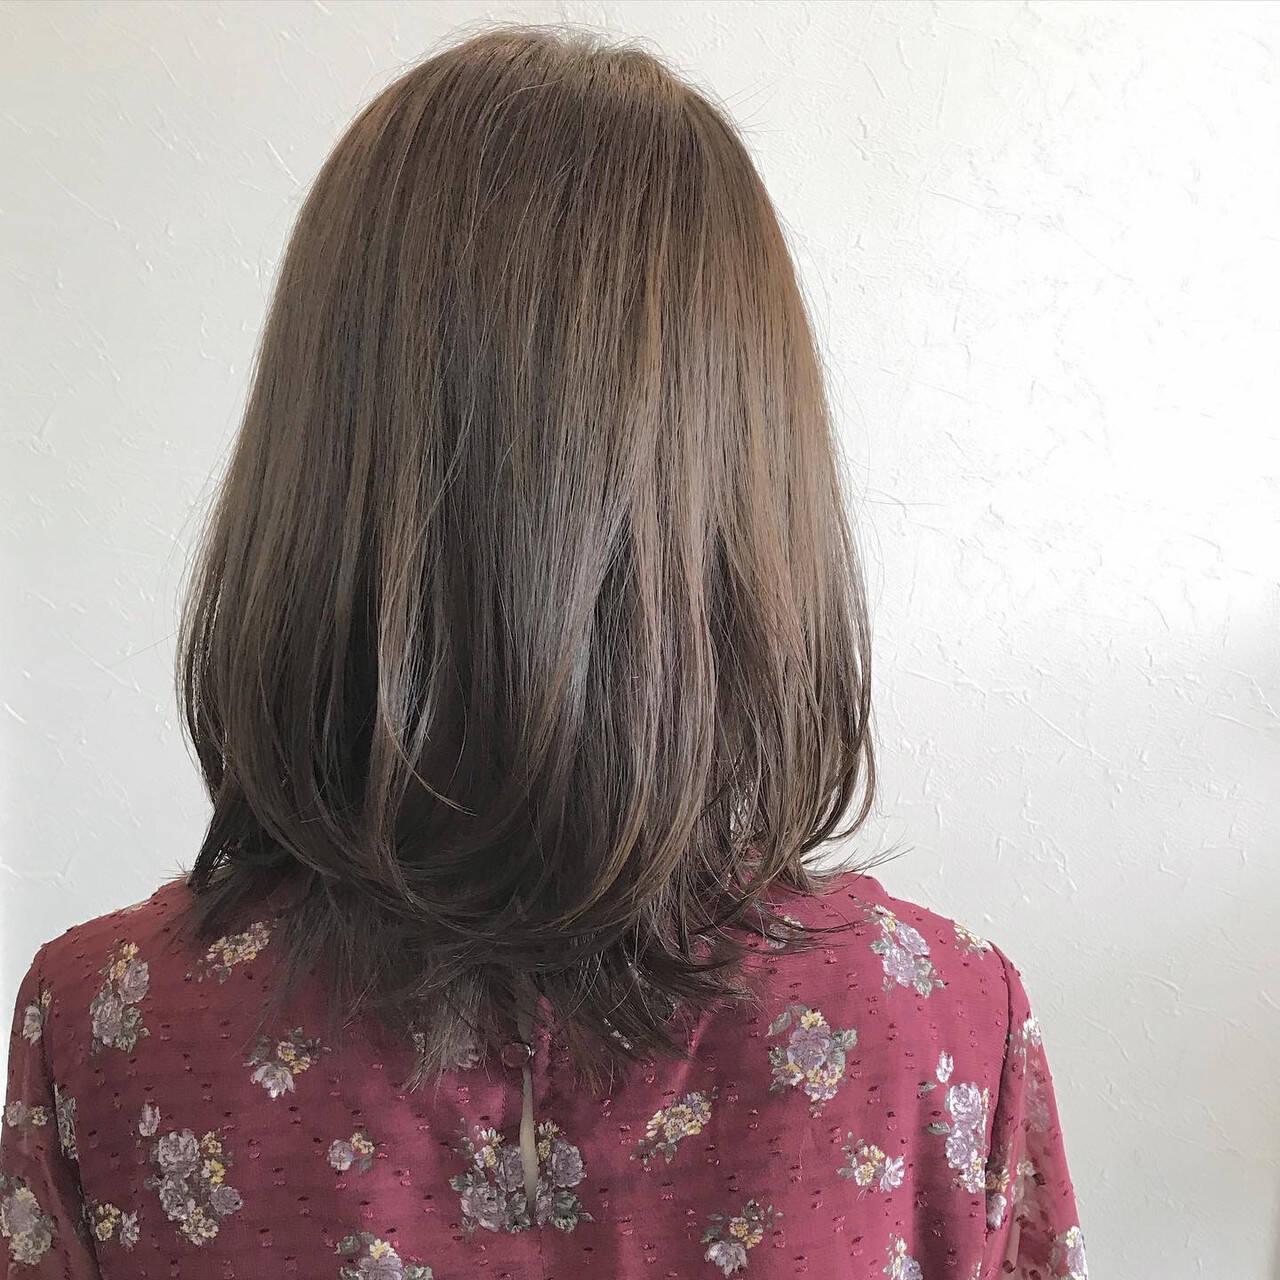 セミディ ミディアム 鎖骨ミディアム 大人ヘアスタイルヘアスタイルや髪型の写真・画像